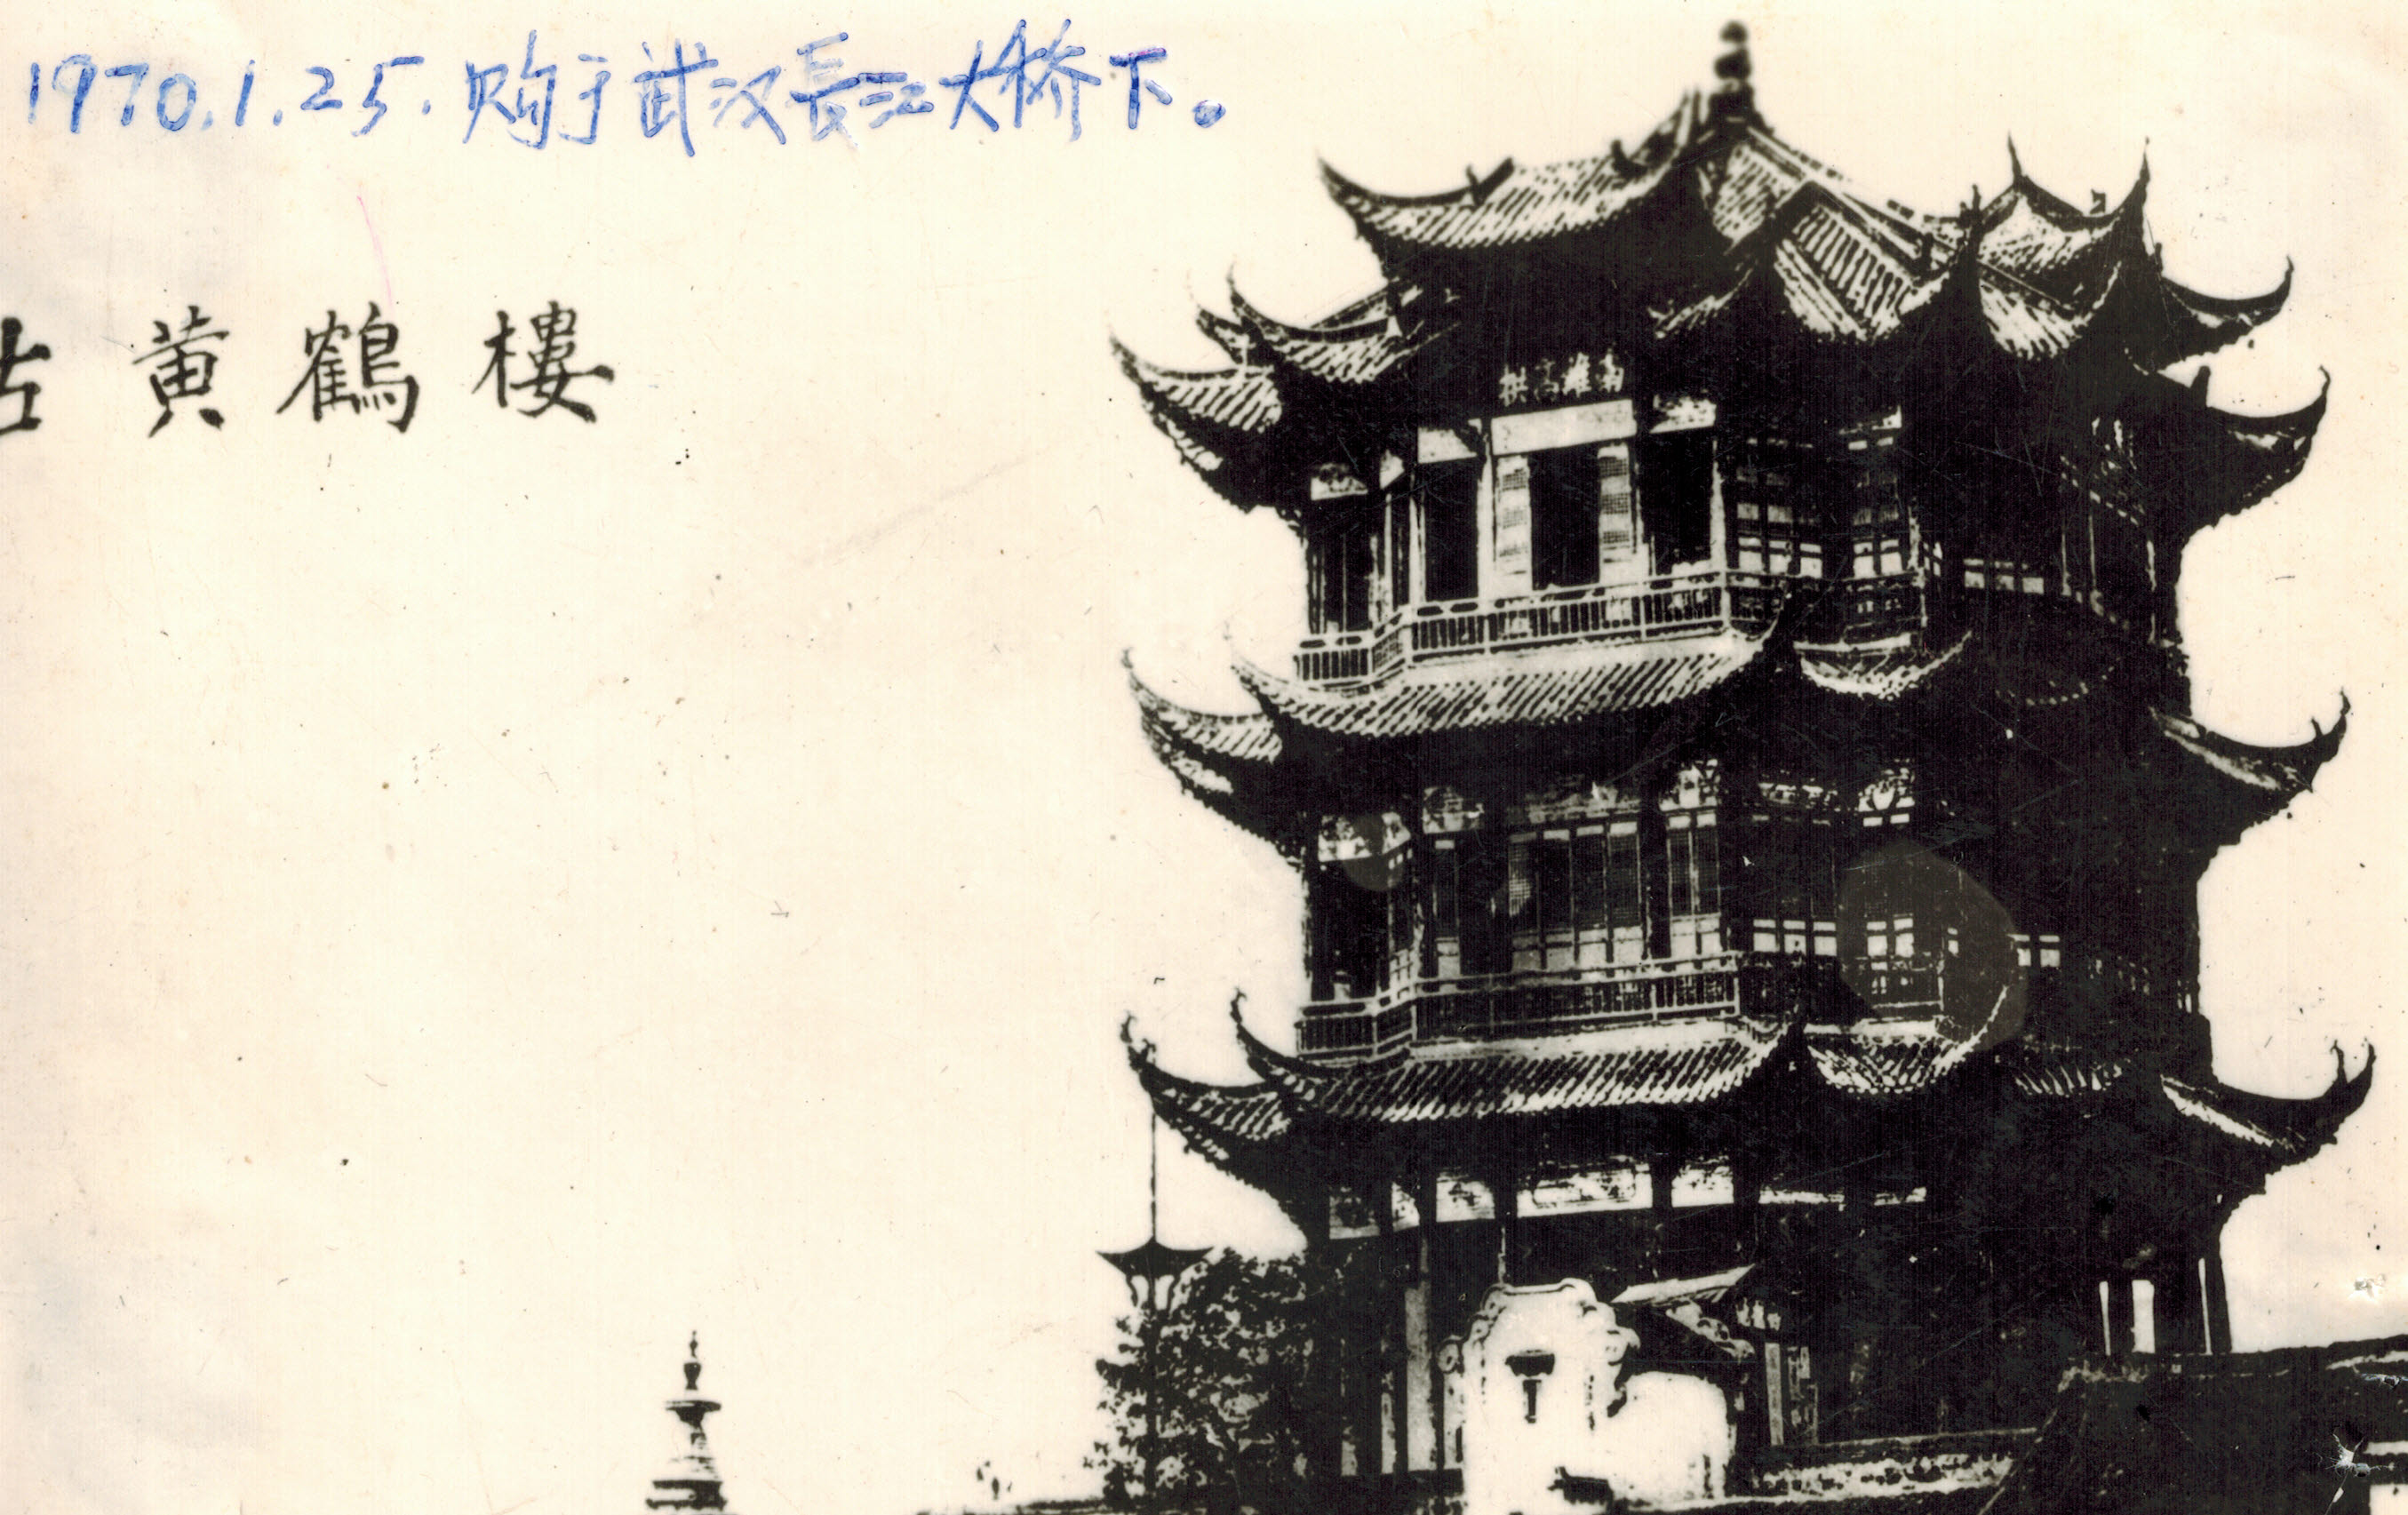 无数诗人称赞过的黄鹤楼,为何成为国内最坑景区,网友神回复!